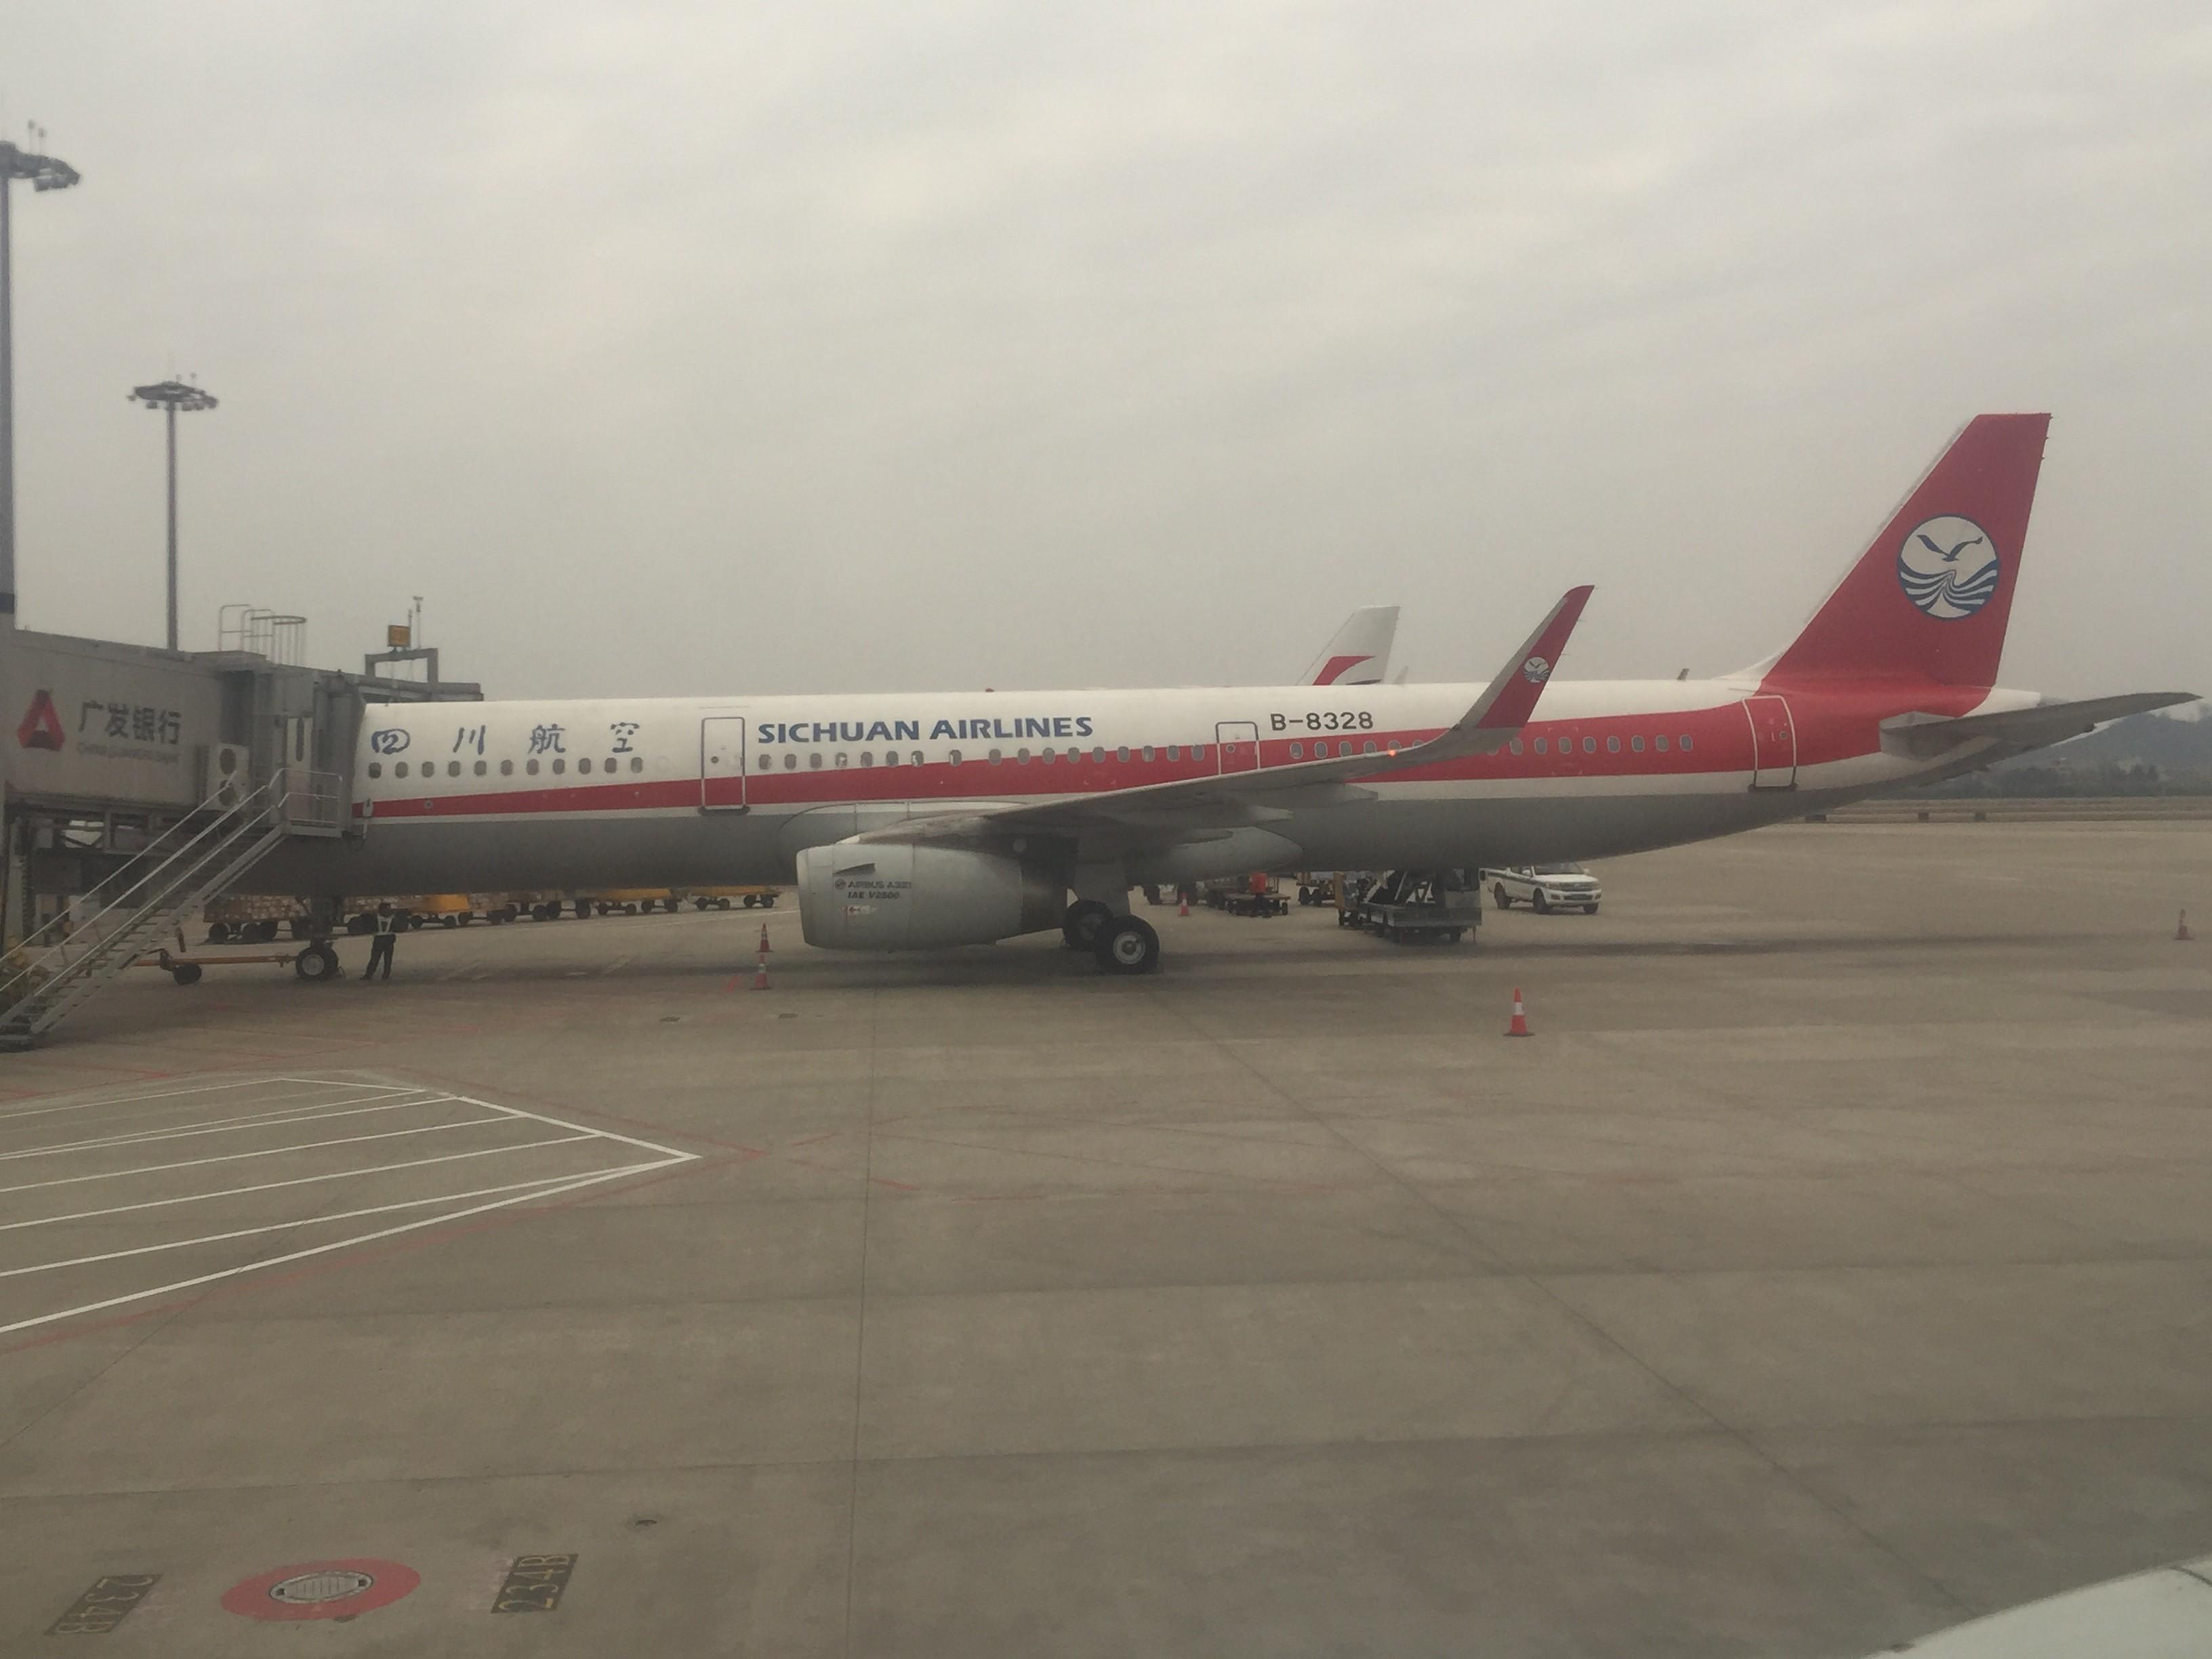 Re:[原创]「BoKer的飞行游记」新人首次发帖 中国东方航空 广州-台州 AIRBUS A321-200 B-8328 中国广州白云国际机场